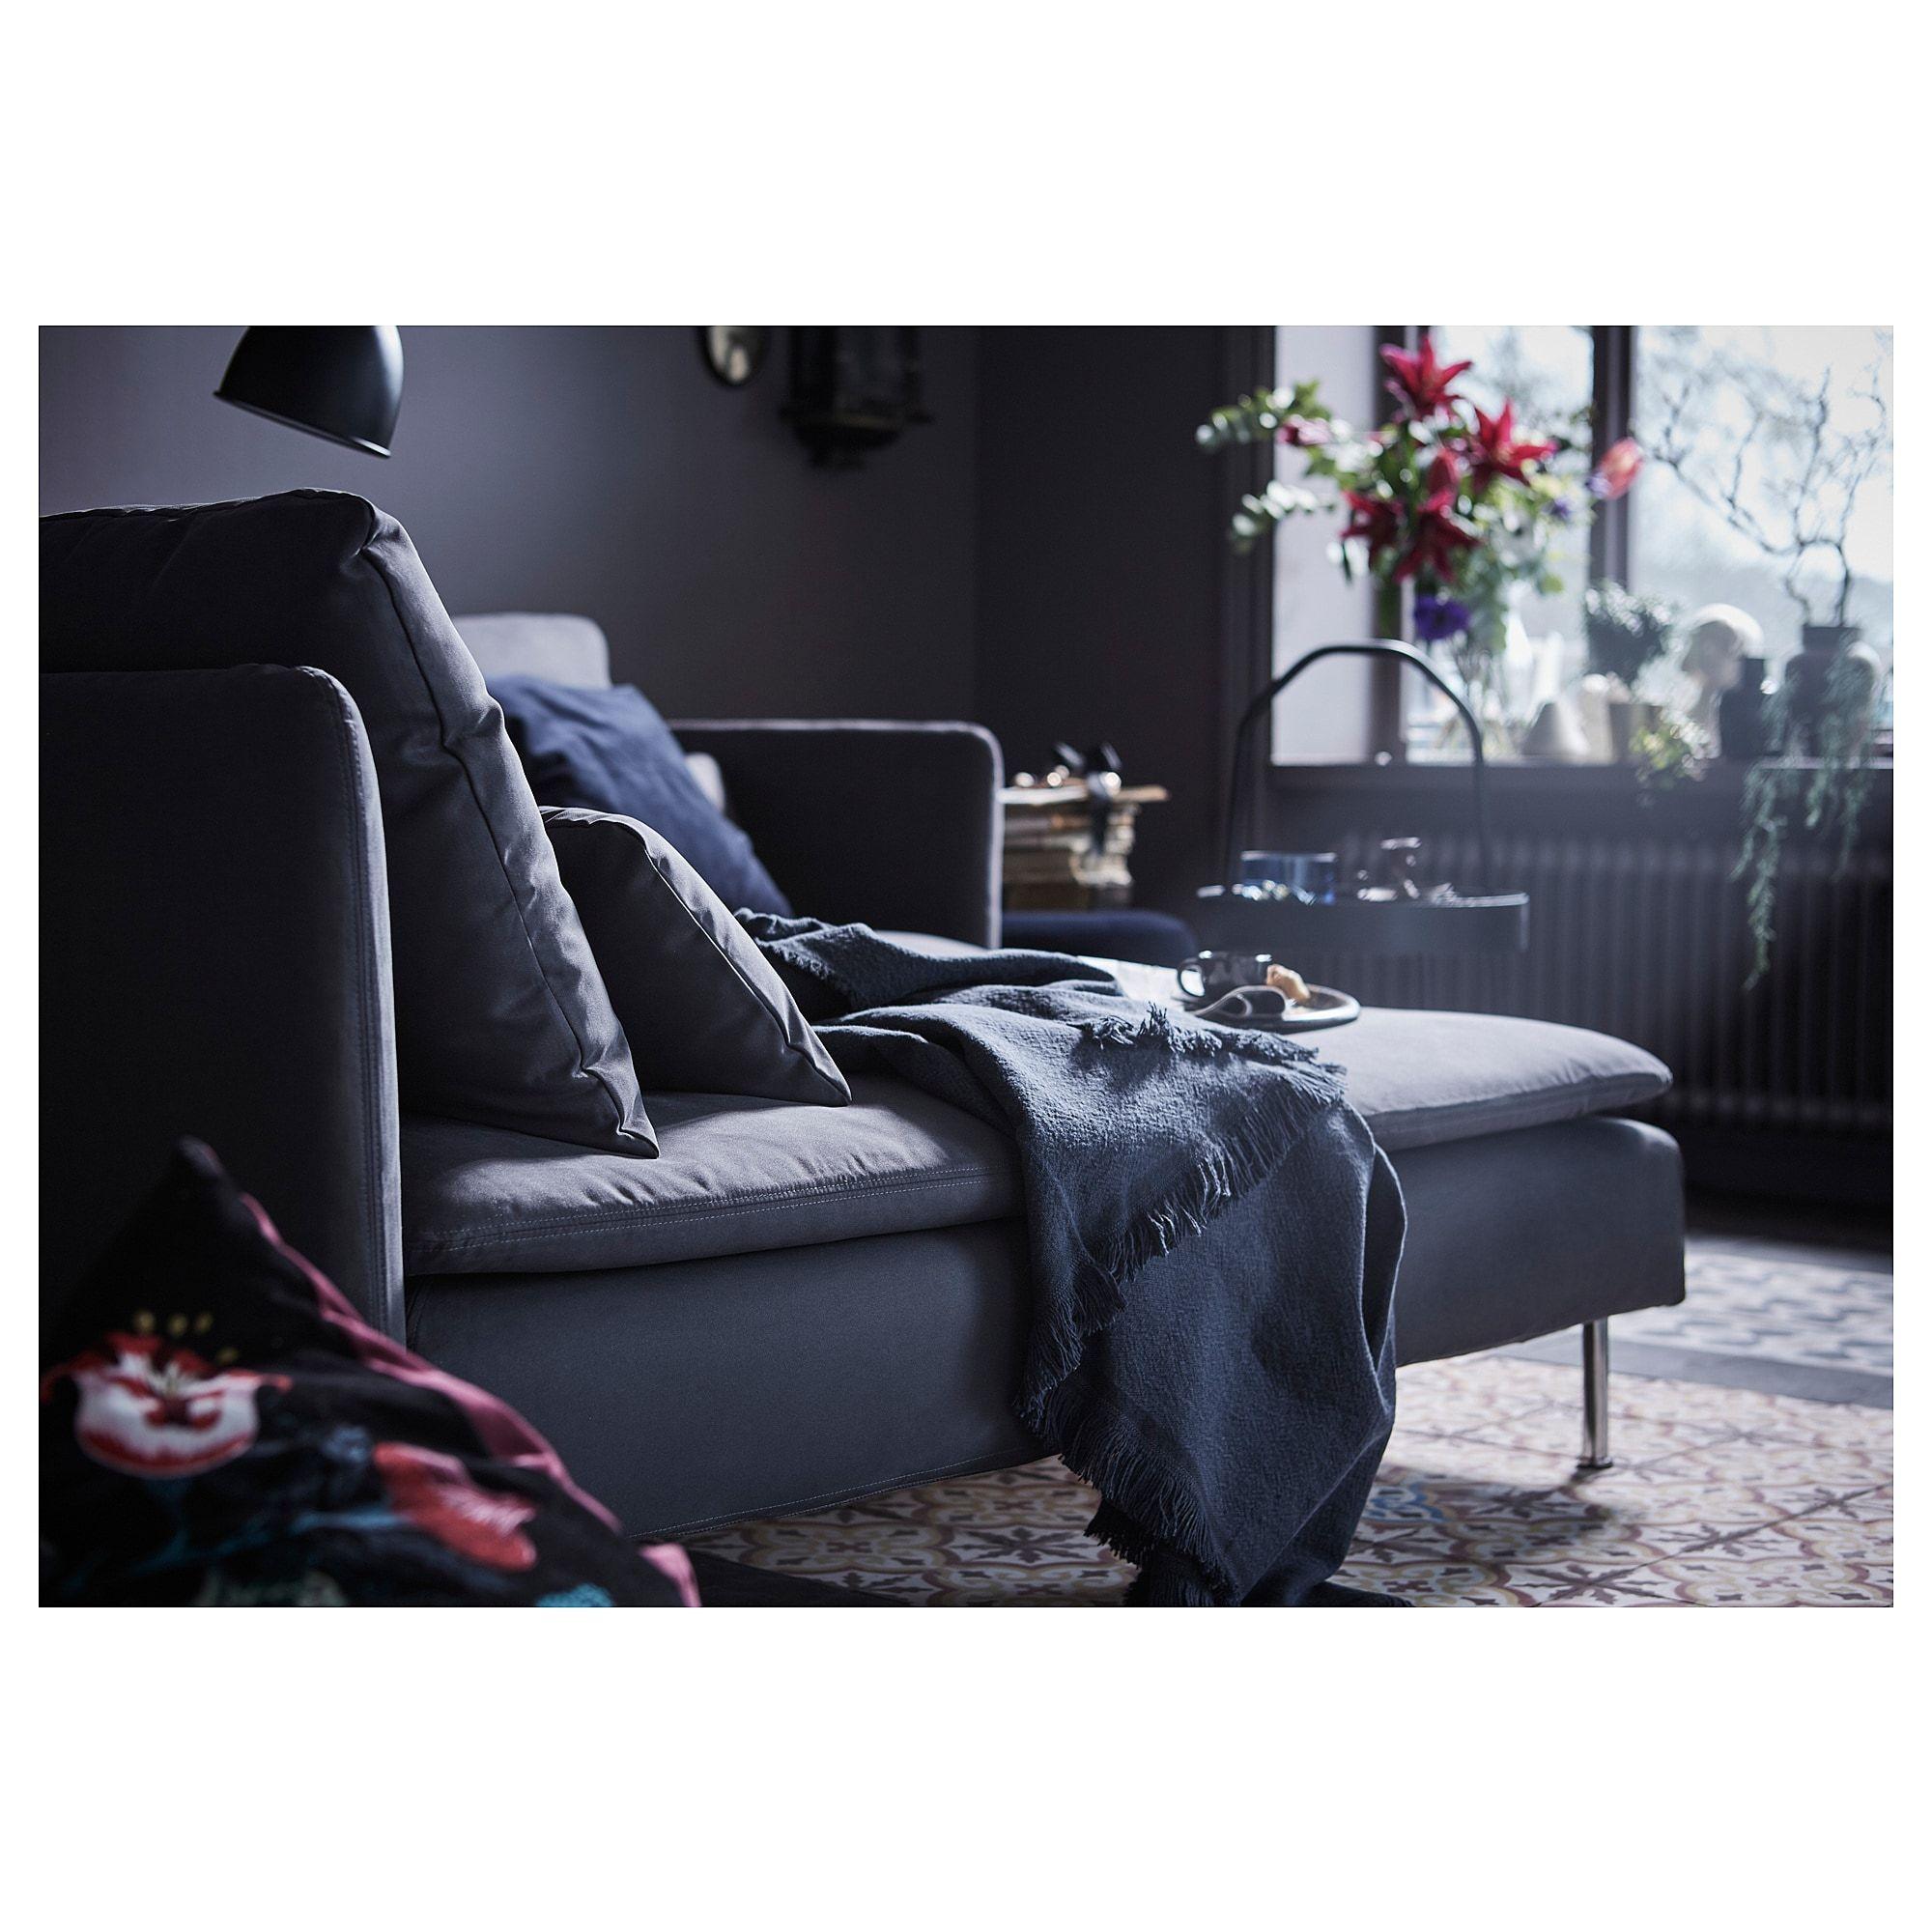 Ikea Soderhamn Samsta Dark Gray Chaise In 2019 Ikea Ikea